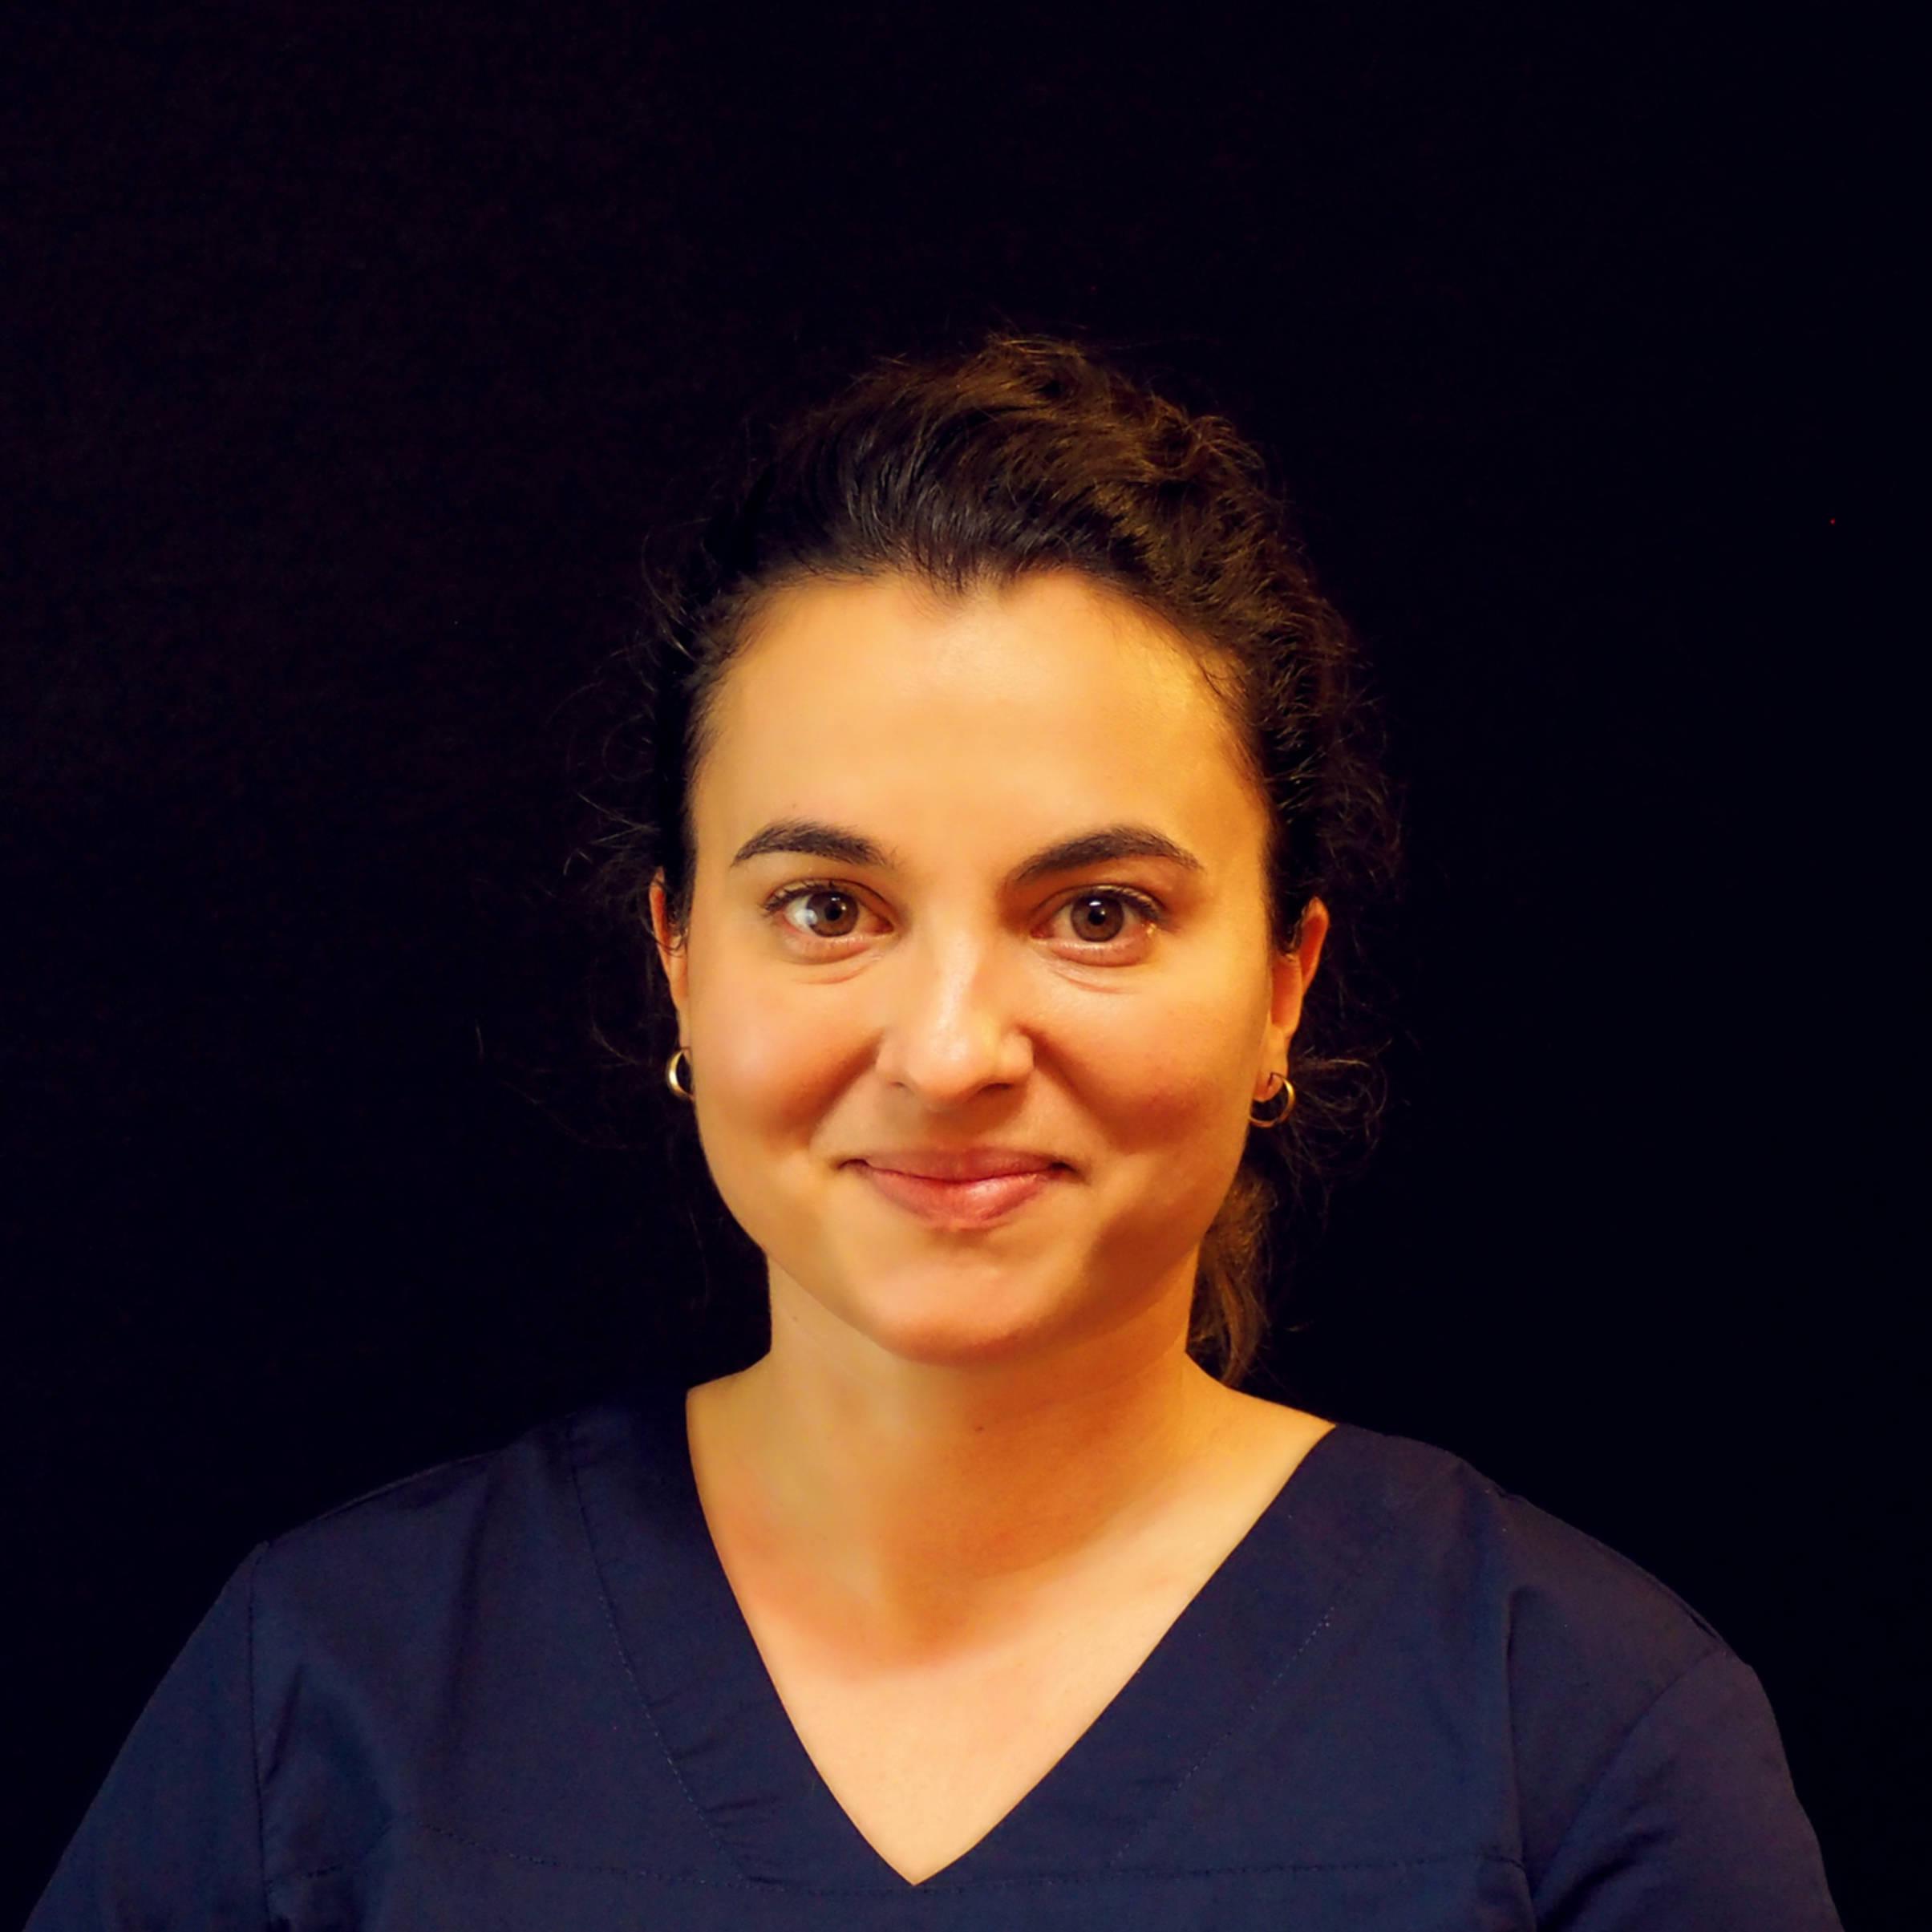 Cécile LE TALLEC